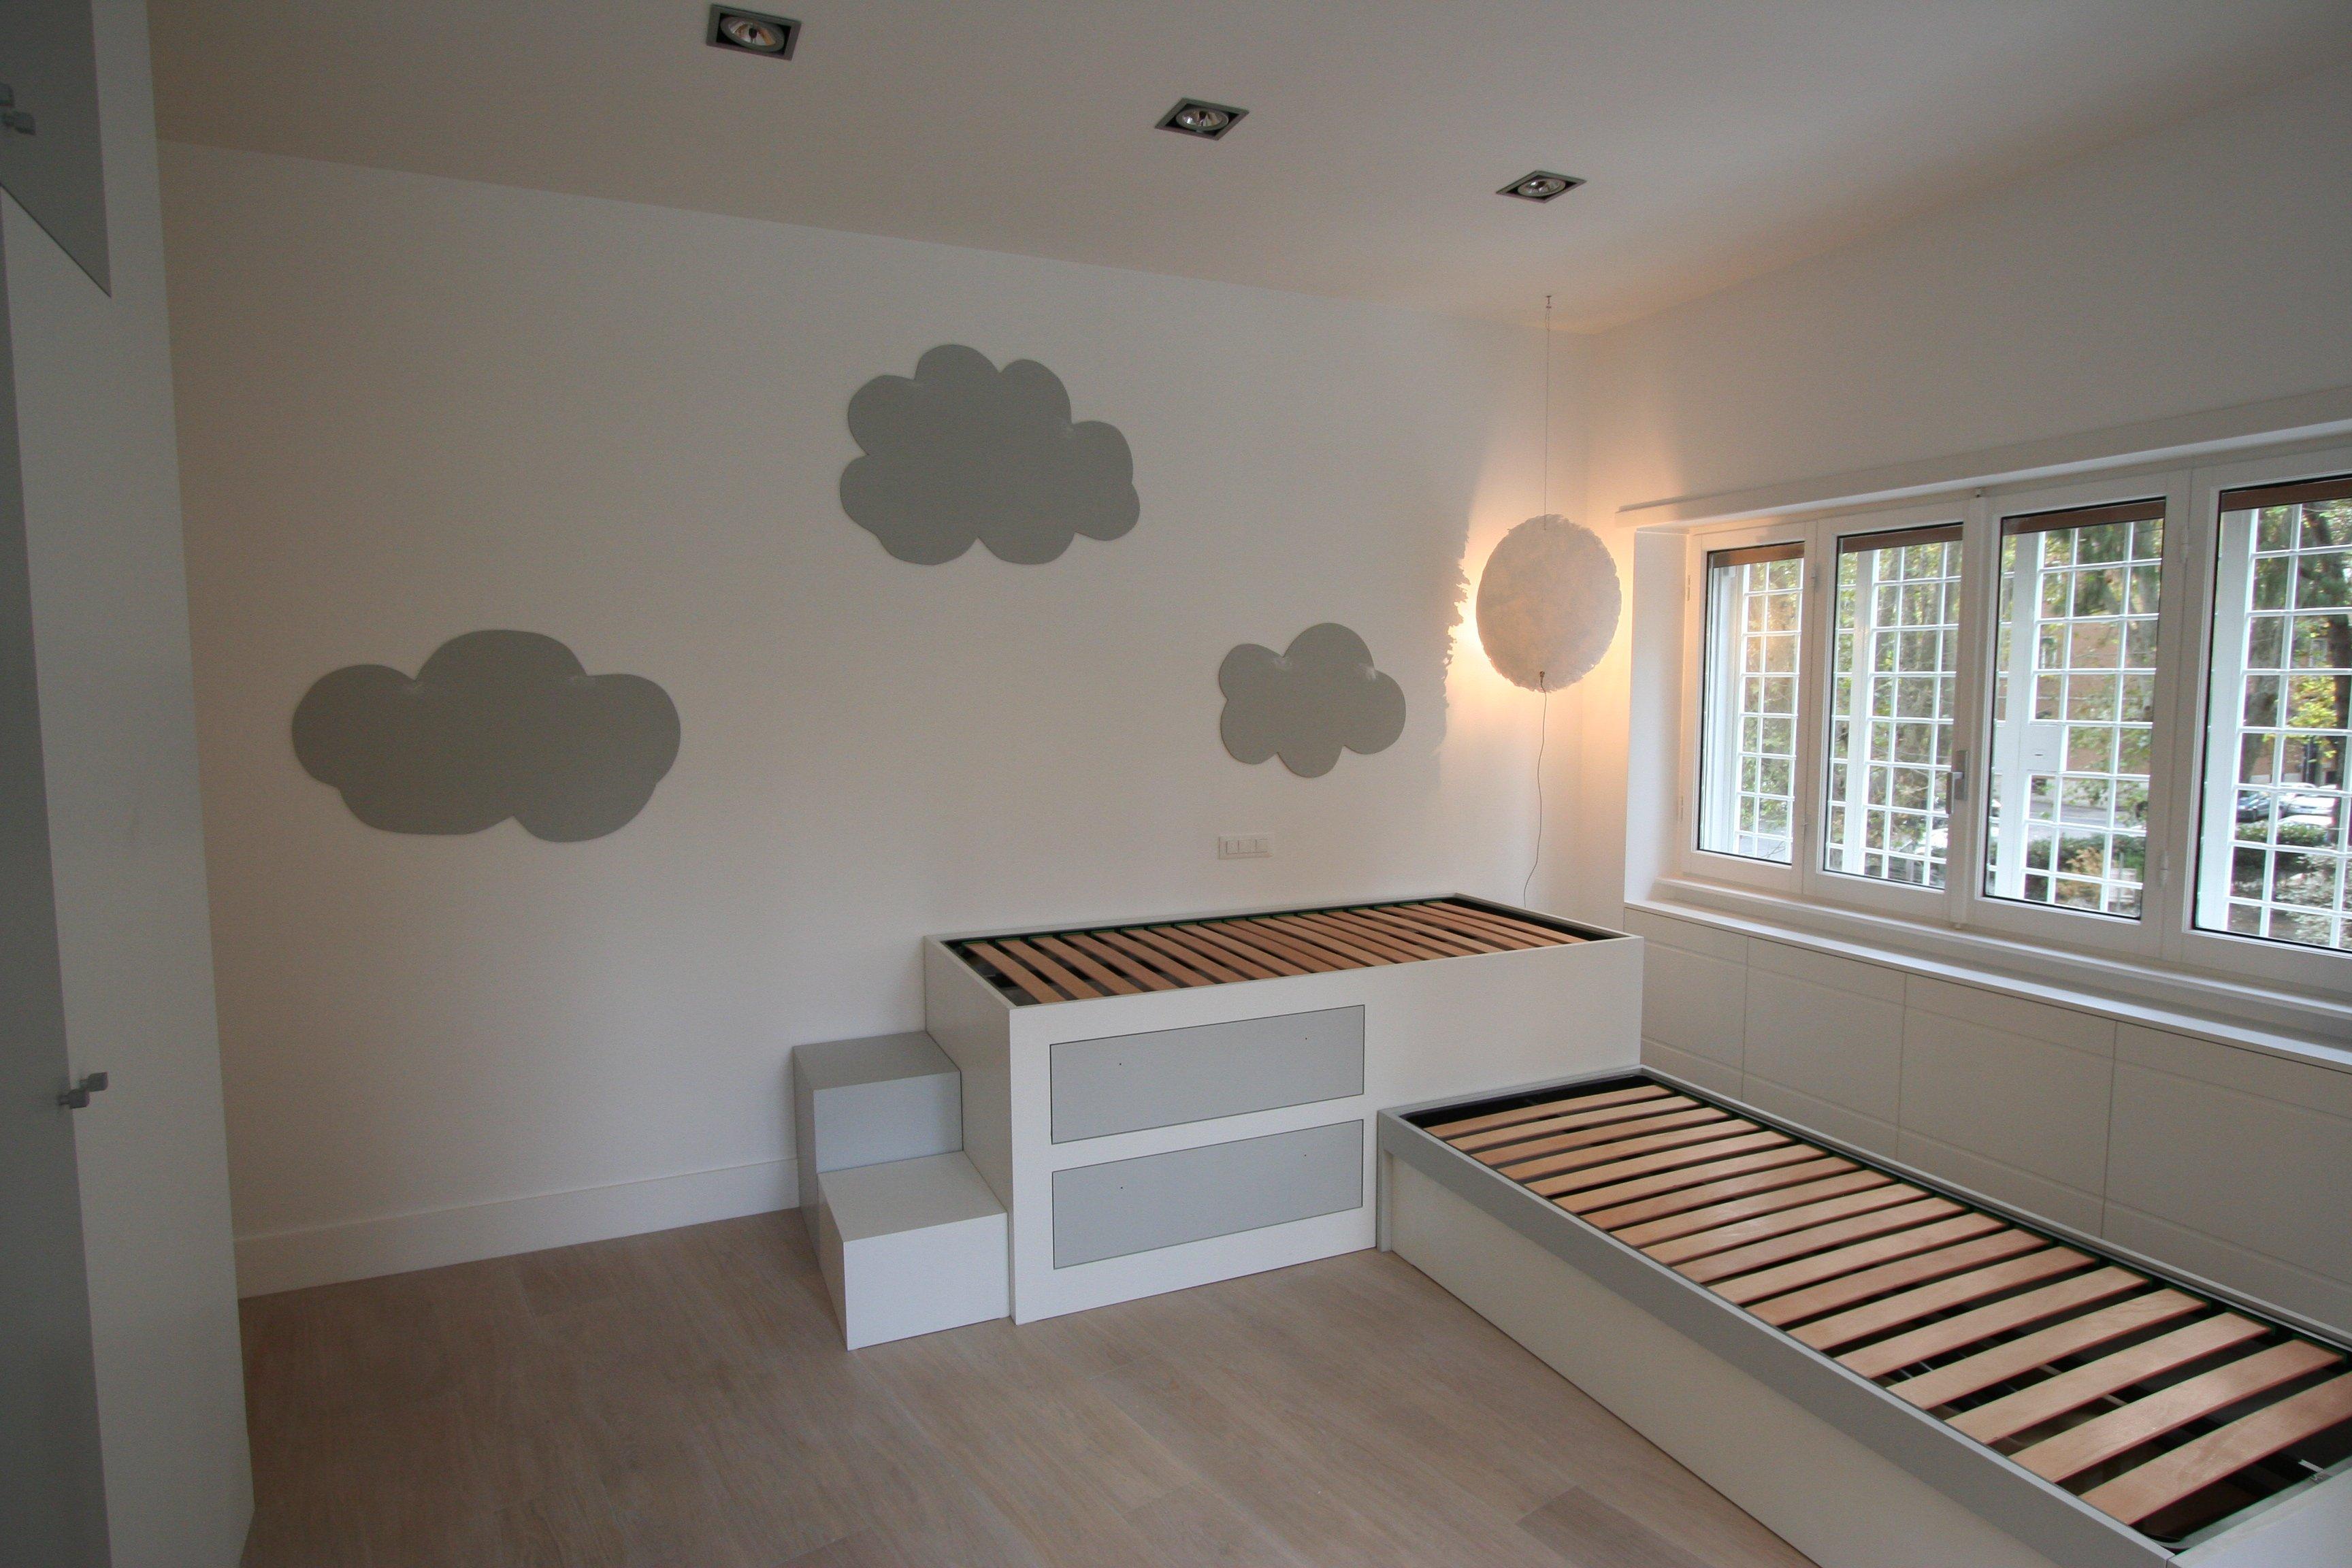 Image camera da letto bimbi foto 4 due letti - Pareti camera bambini ...